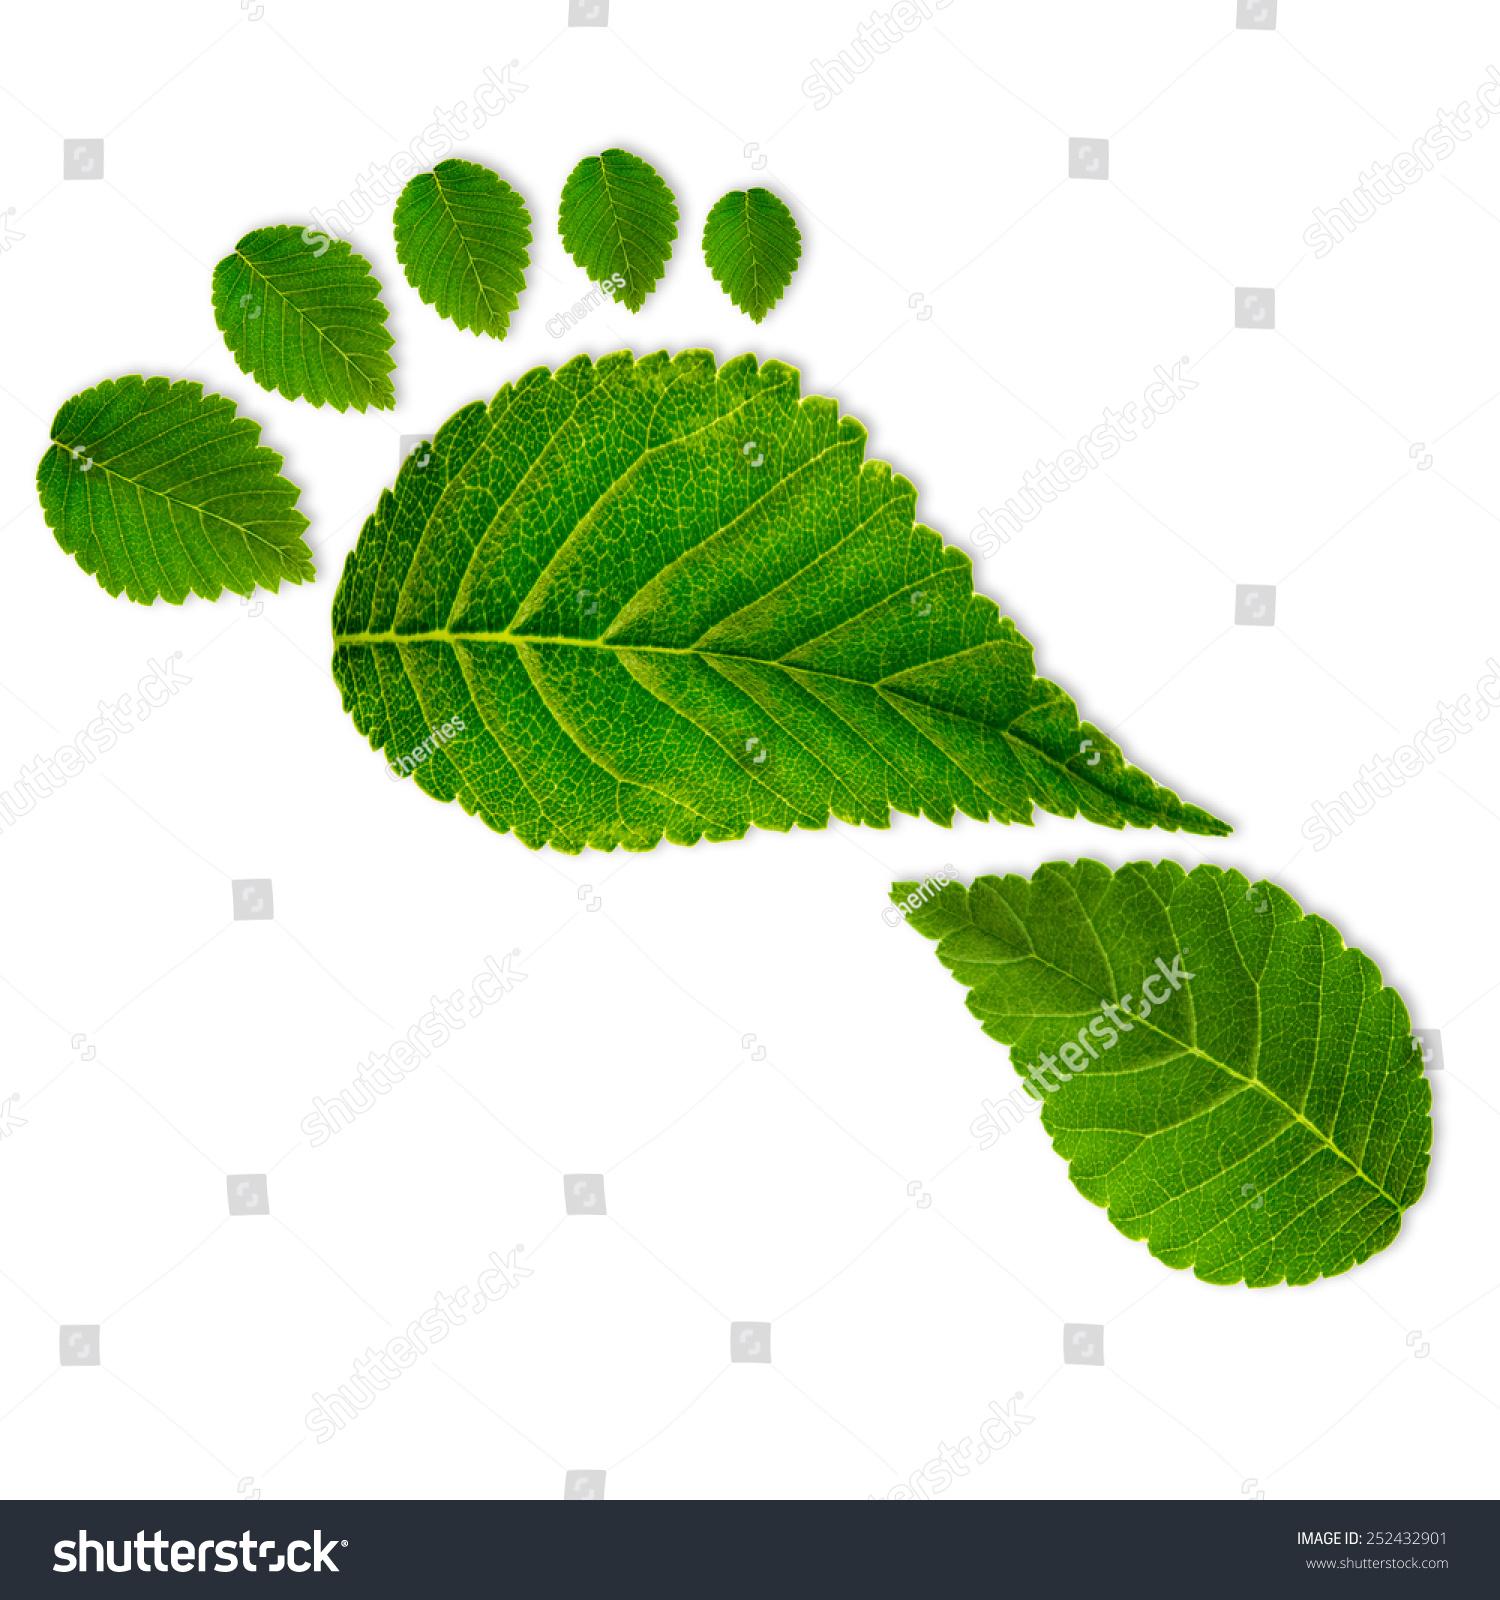 背景 壁纸 绿色 绿叶 树叶 植物 桌面 1500_1600